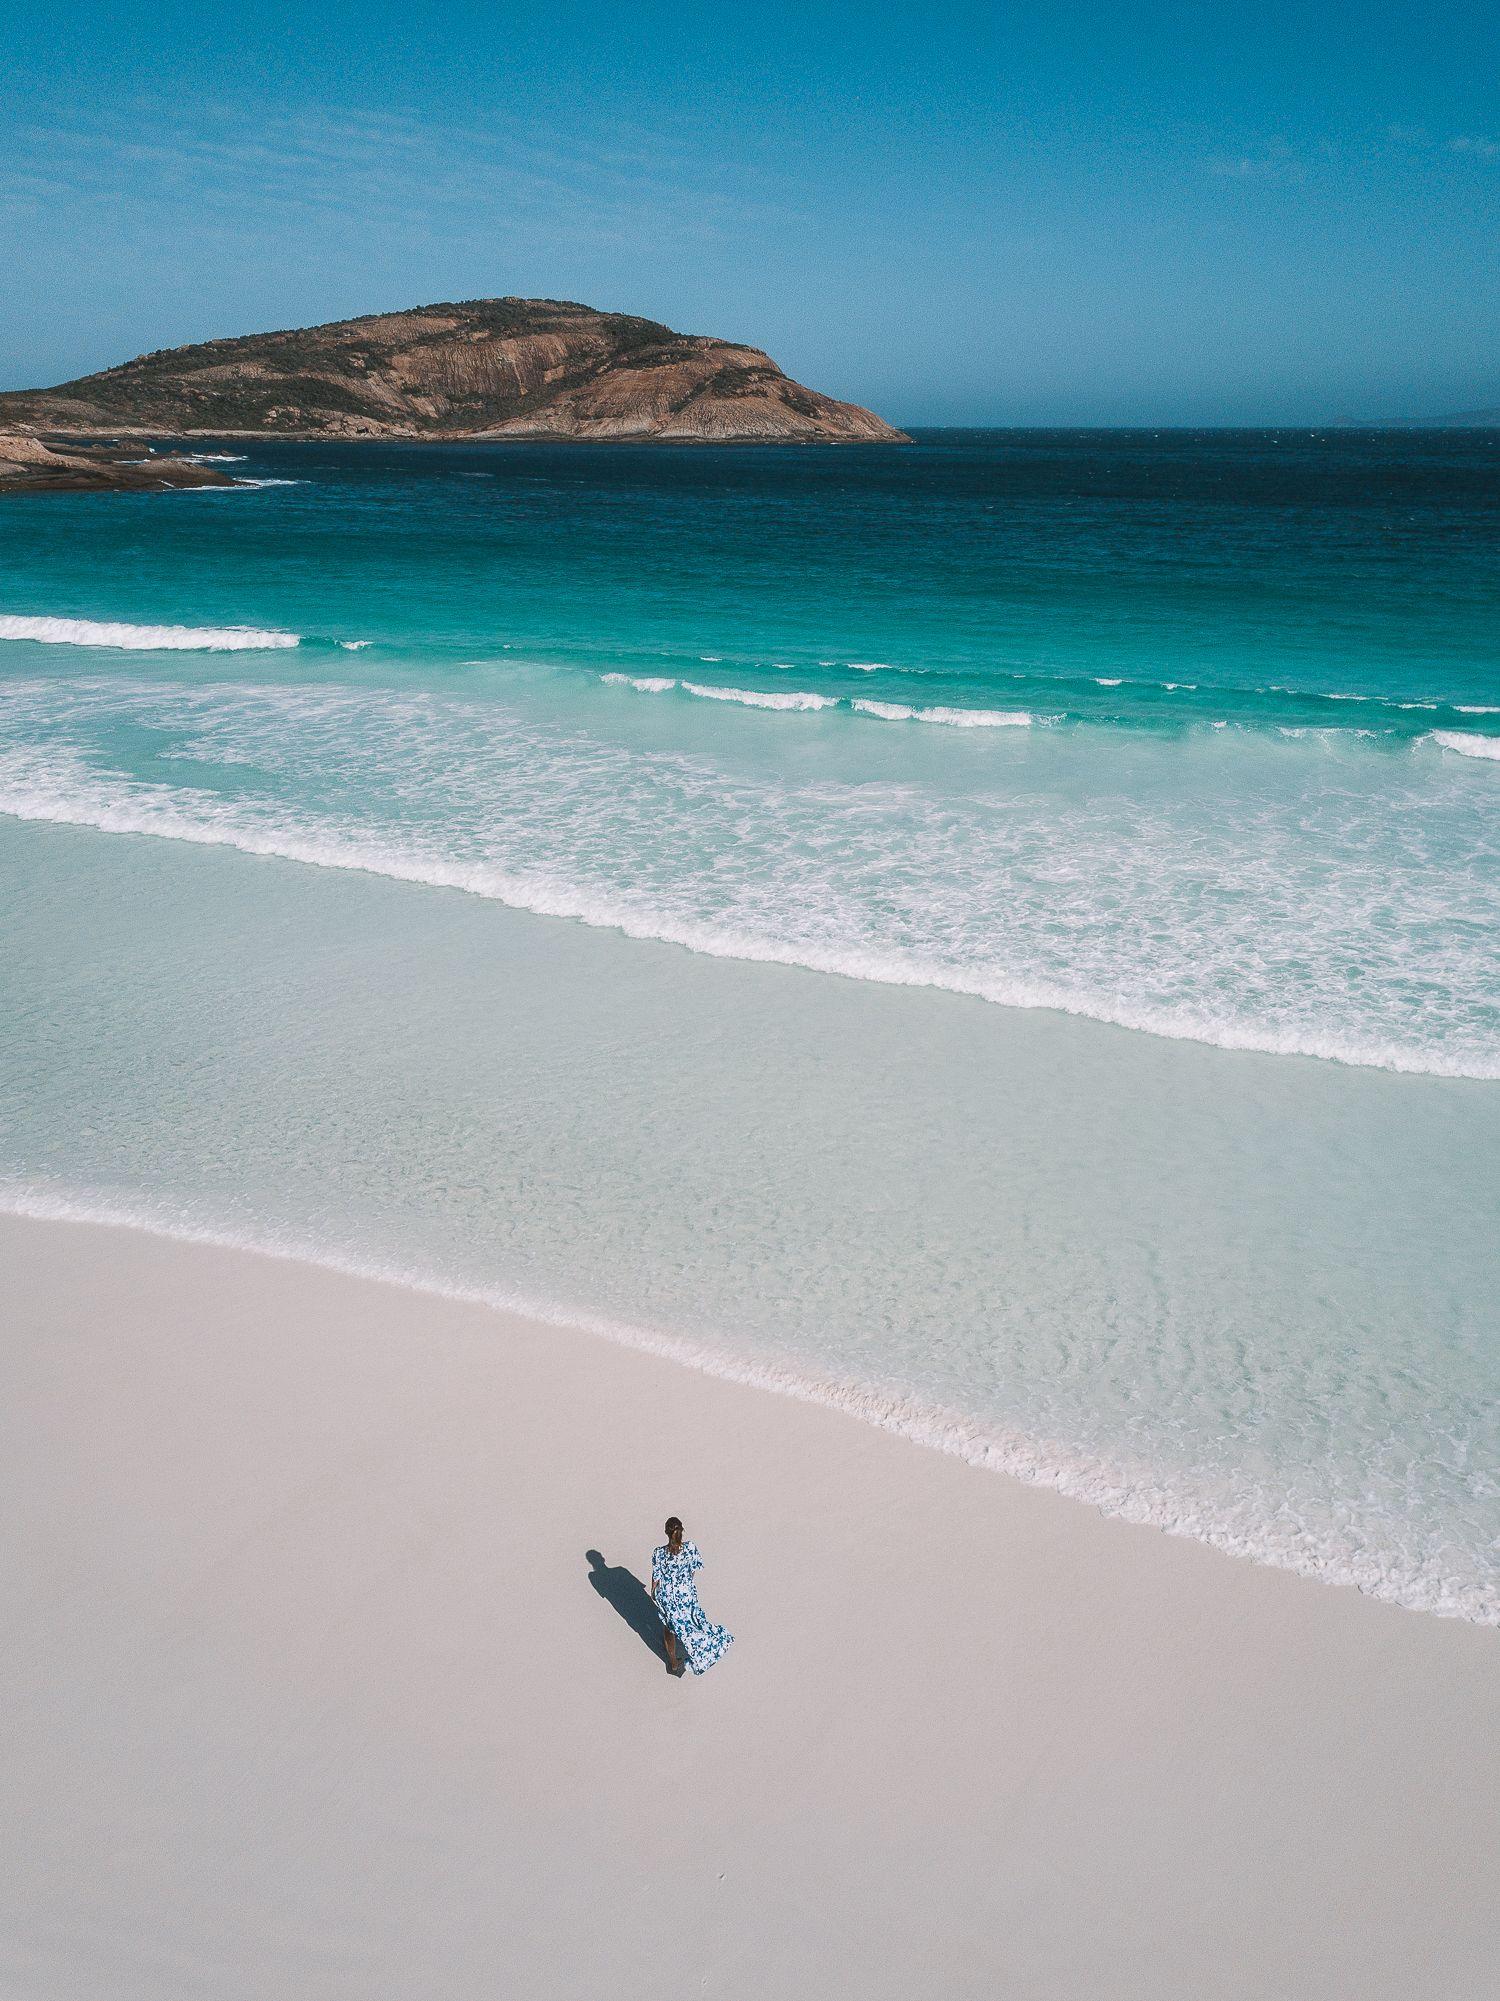 Der Schonste Strand Der Welt Australien Dream Vacations Und Vacation